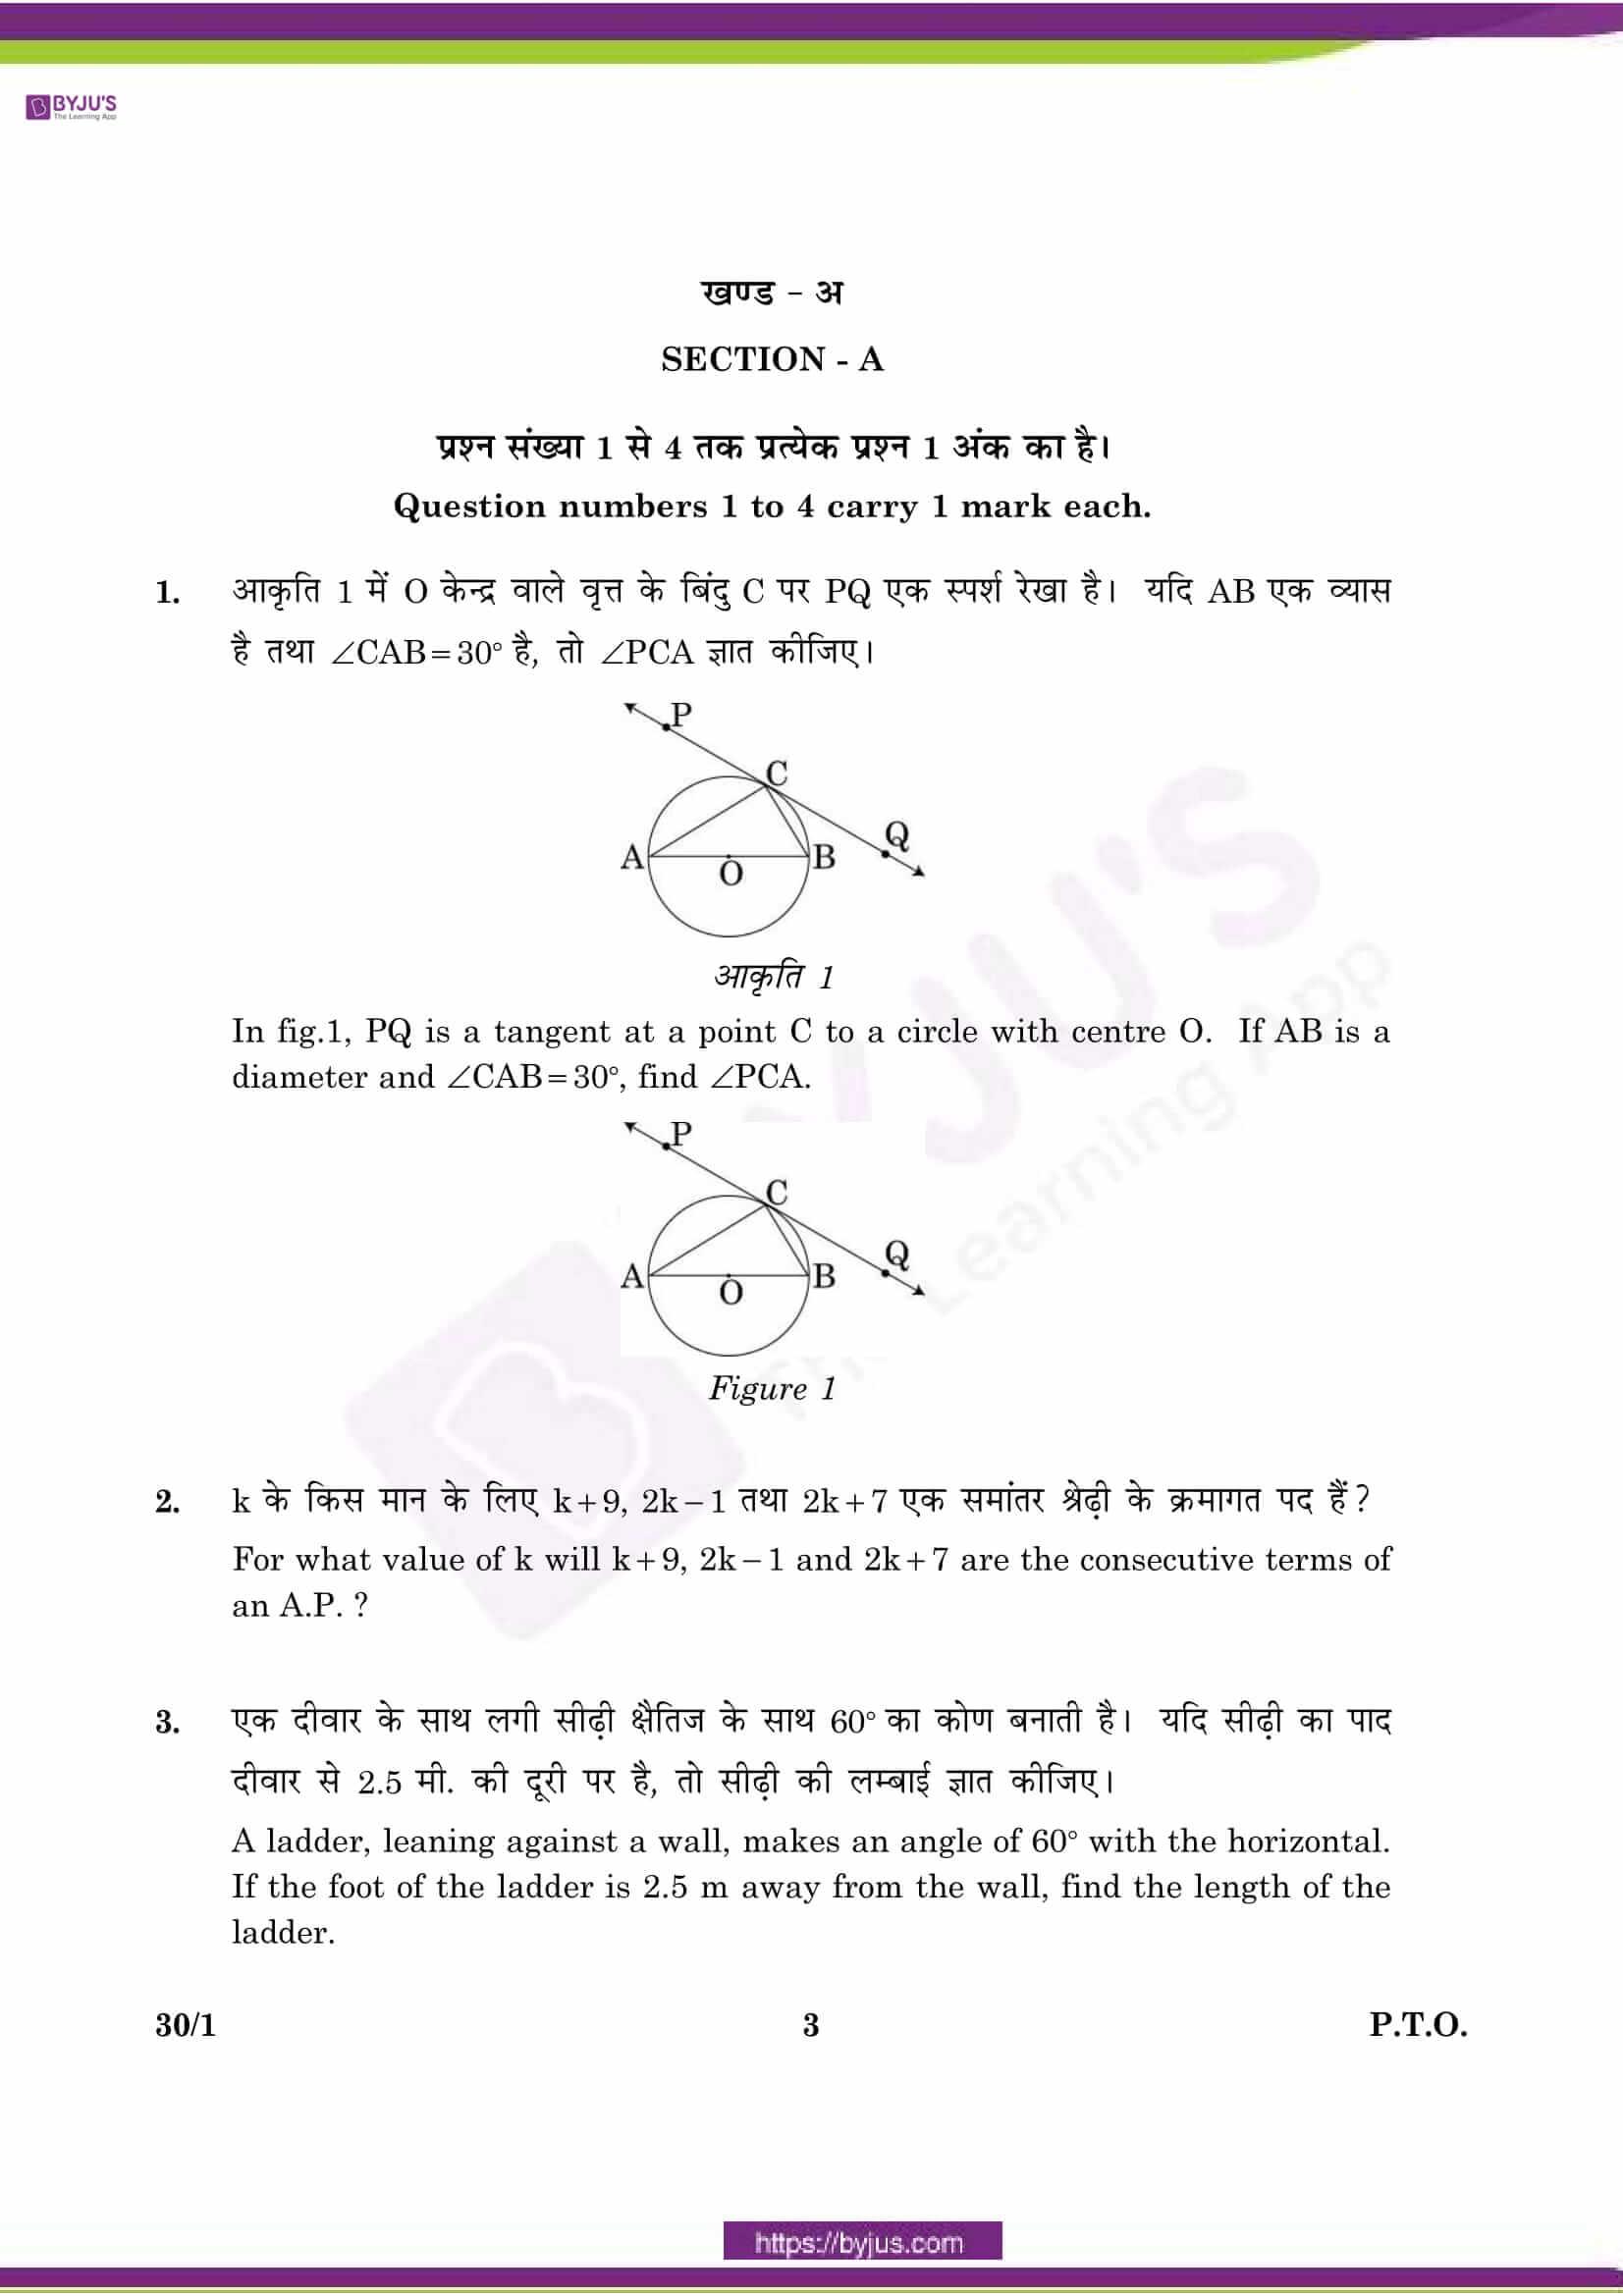 CBSE Class 10 Maths Qs Paper 2016 SA 2 Set 1 03